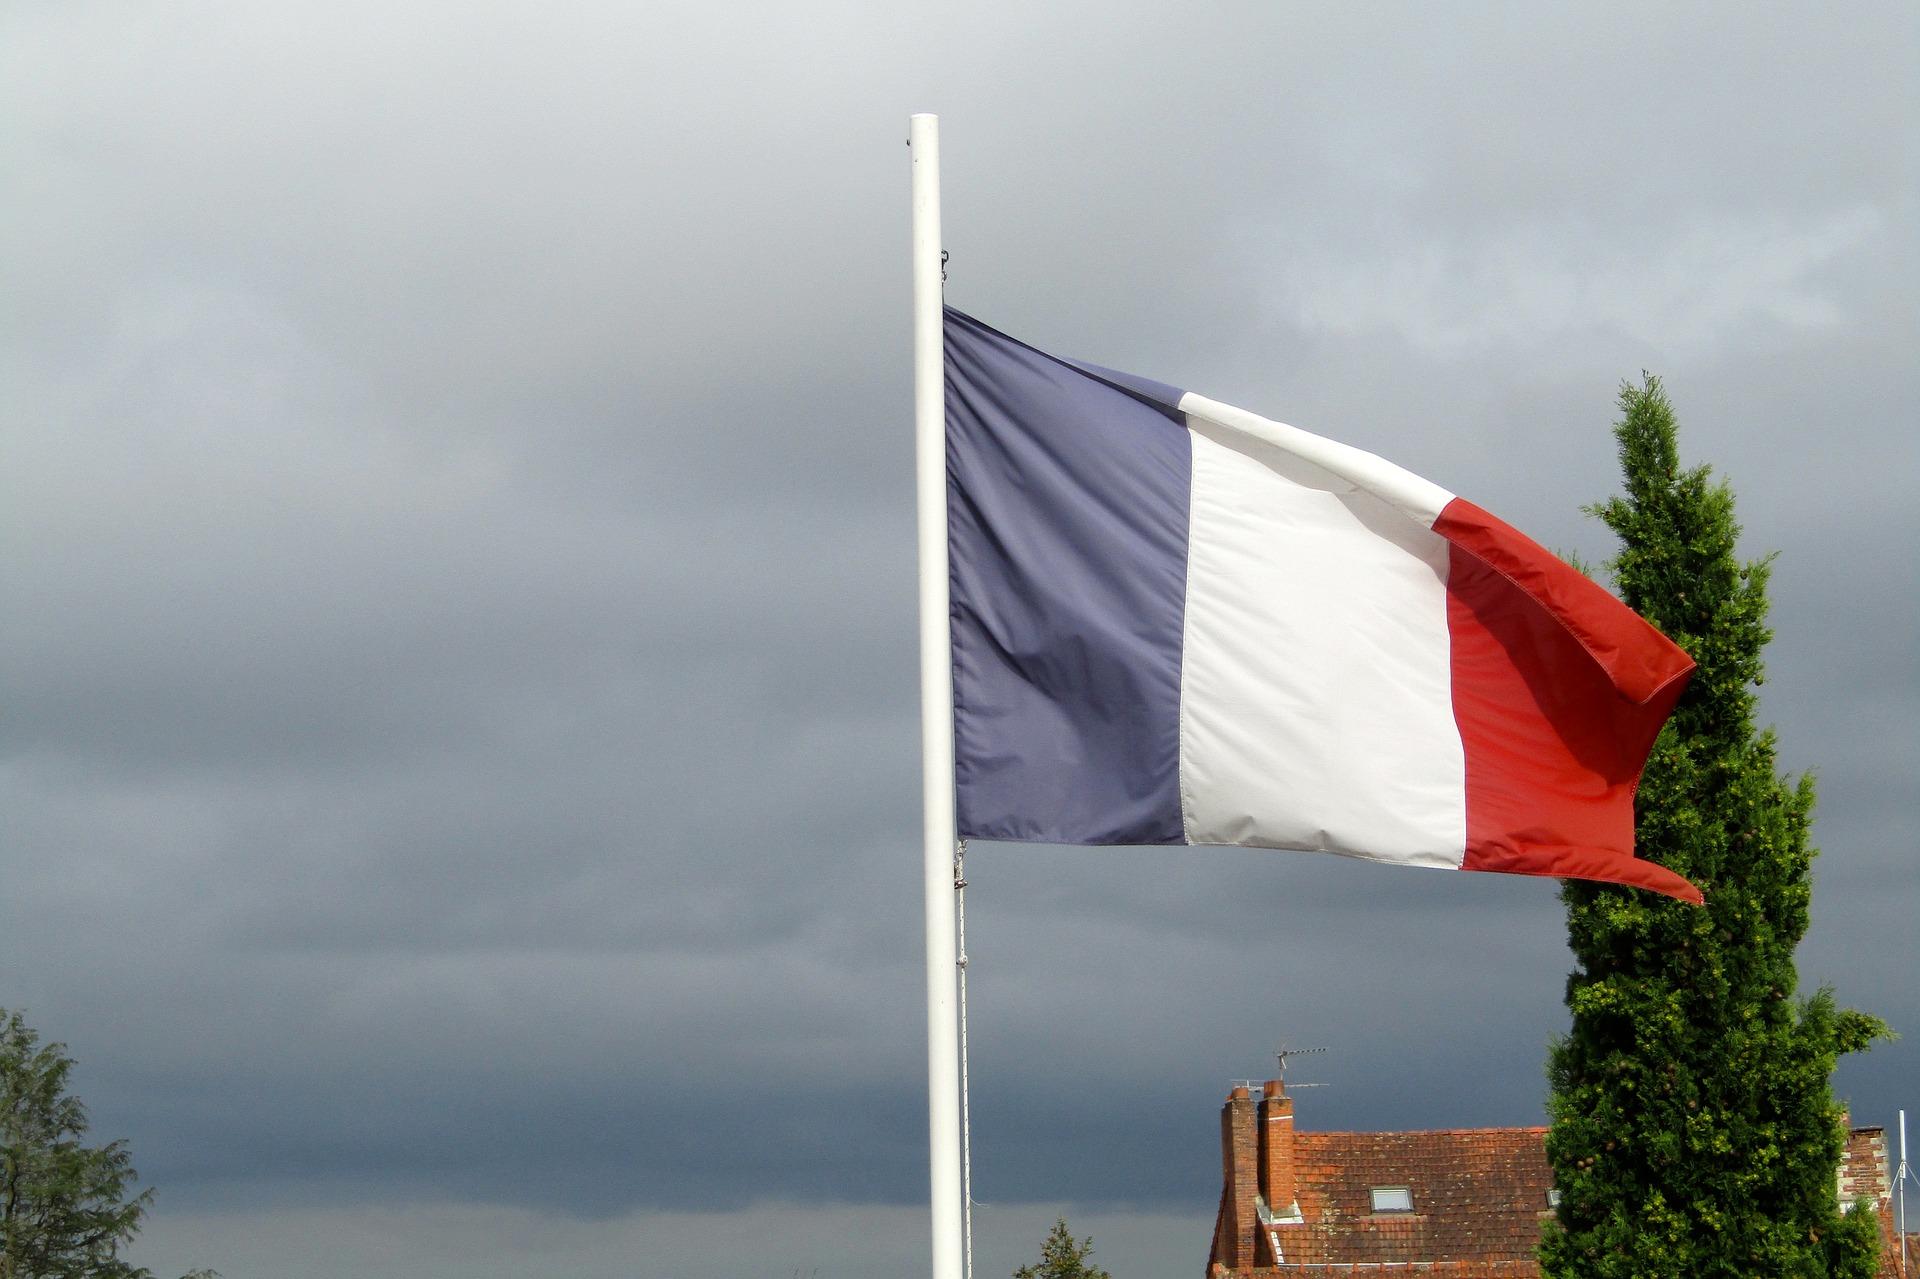 Grand débat : pour 75% des Français, la répartition équitable des richesses doit être une priorité